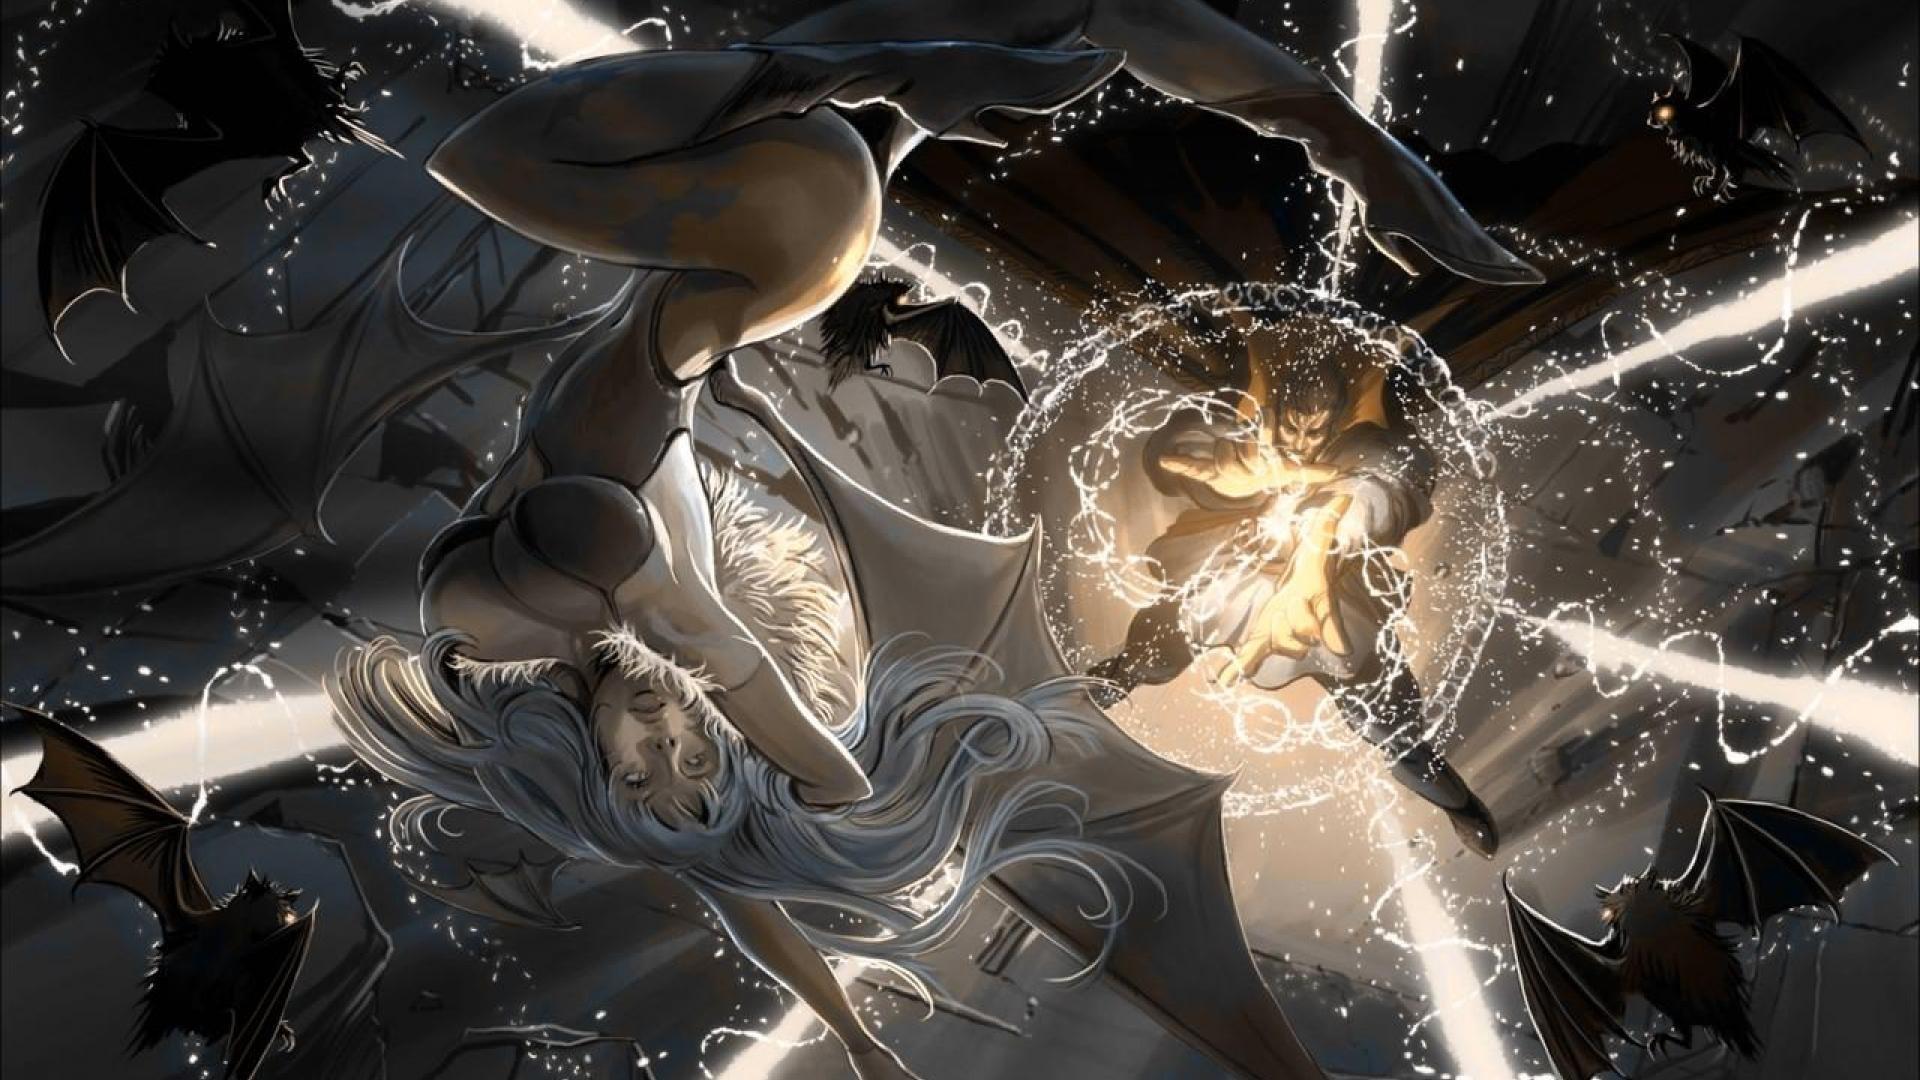 DOCTOR STRANGE marvel superhero martial magic wallpaper 1920x1080